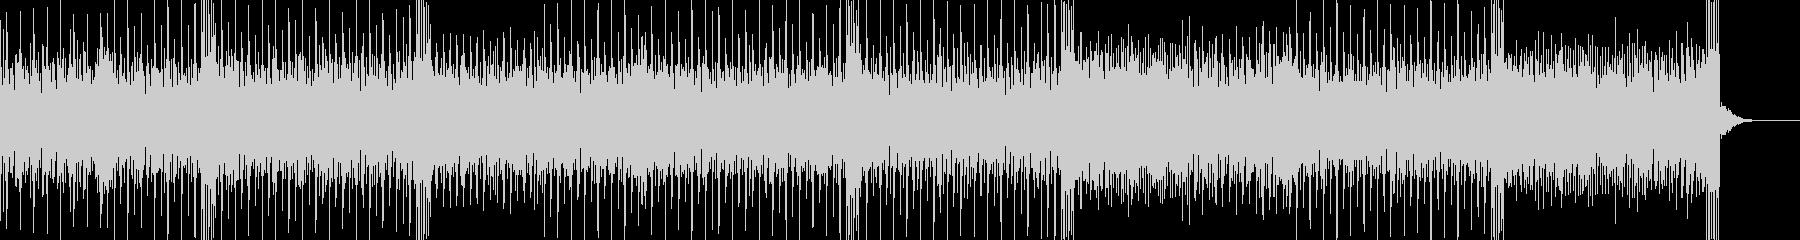 トランスっぽいアルペジオが印象的なBGMの未再生の波形